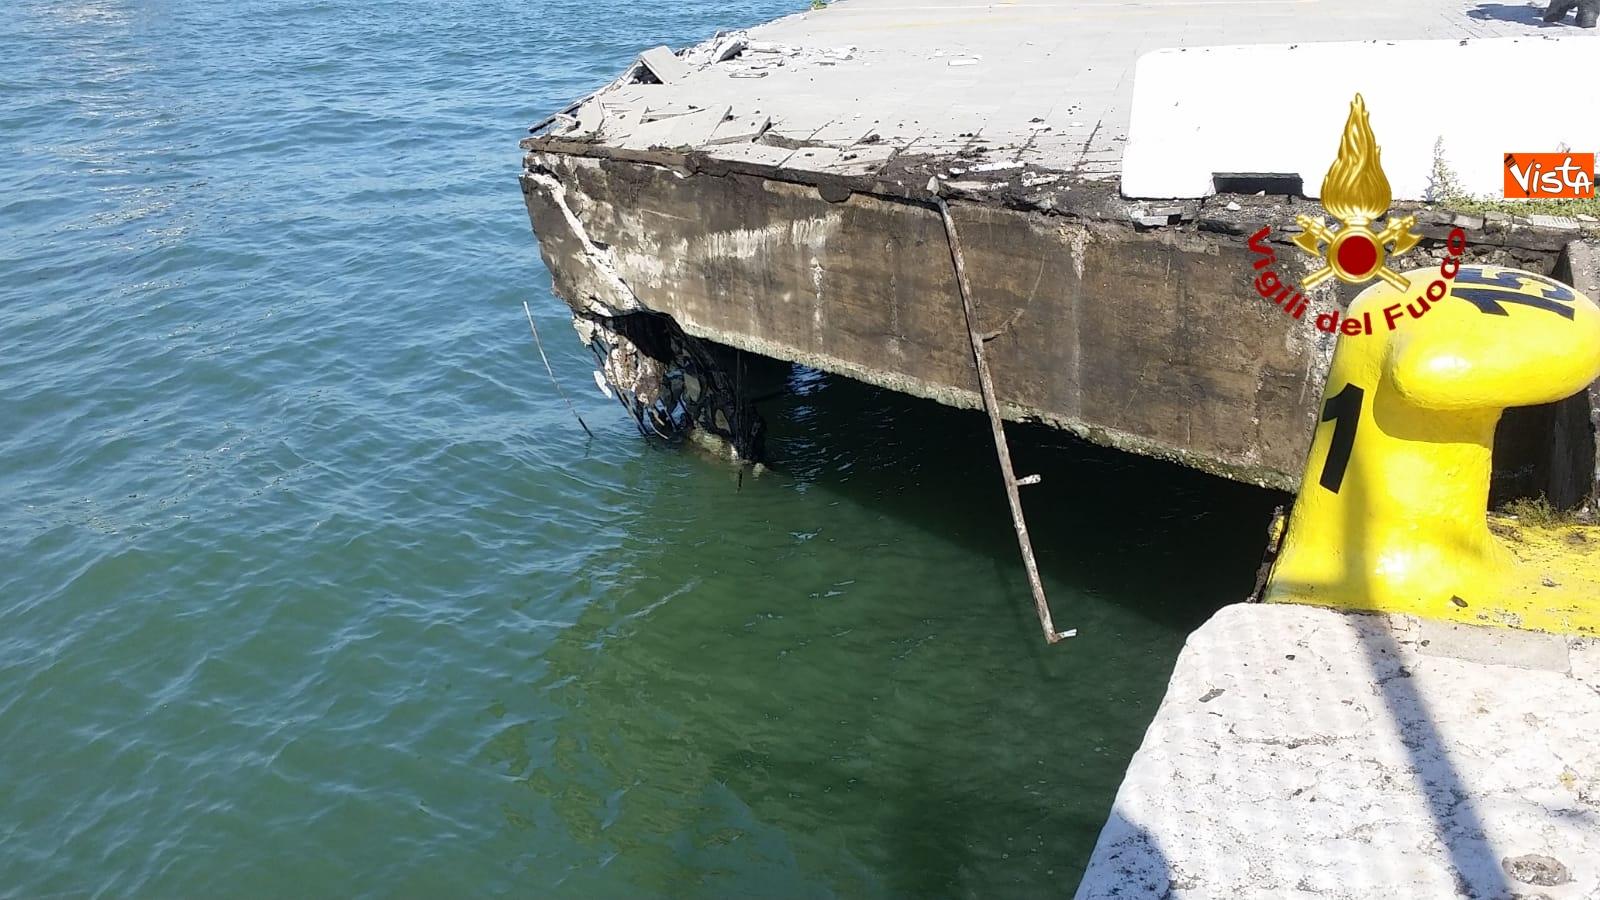 02-06-19 Scontro a Venezia fra nave da crociera e battello turistico le verifiche dei vigili del fuoco dopo l incidente_03